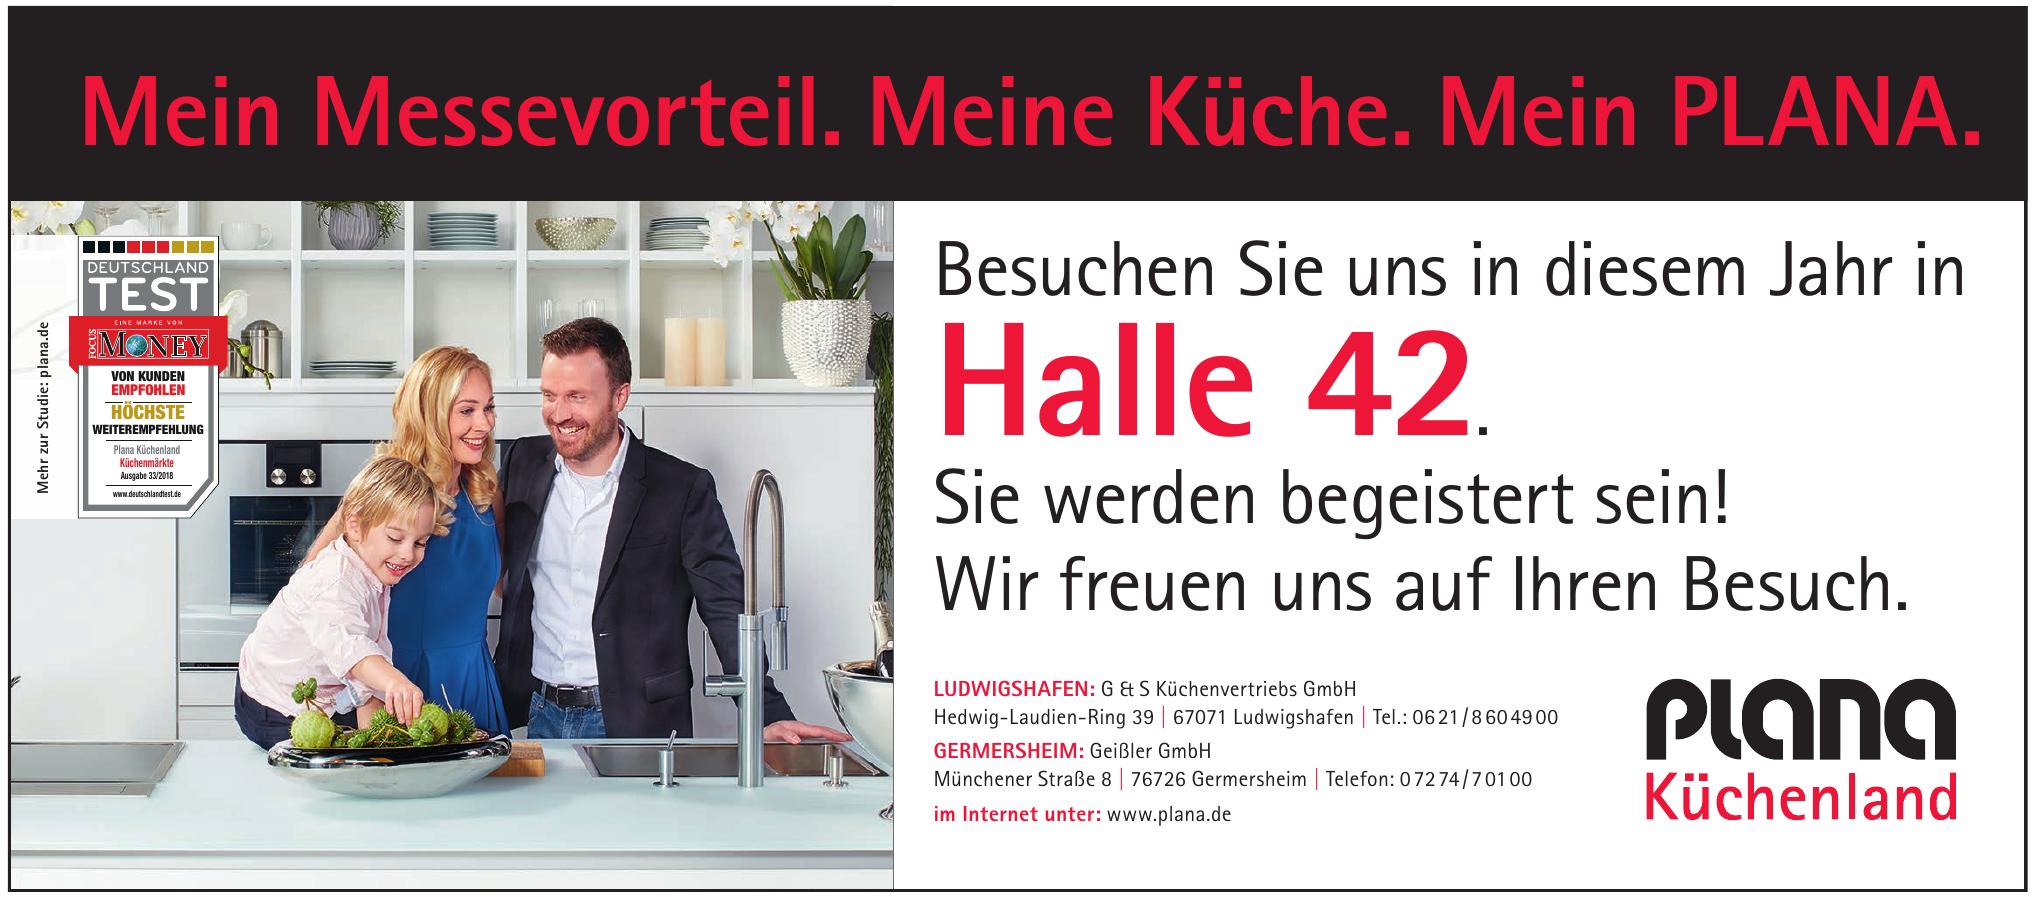 Plana Küchenland - Geißler GmbH